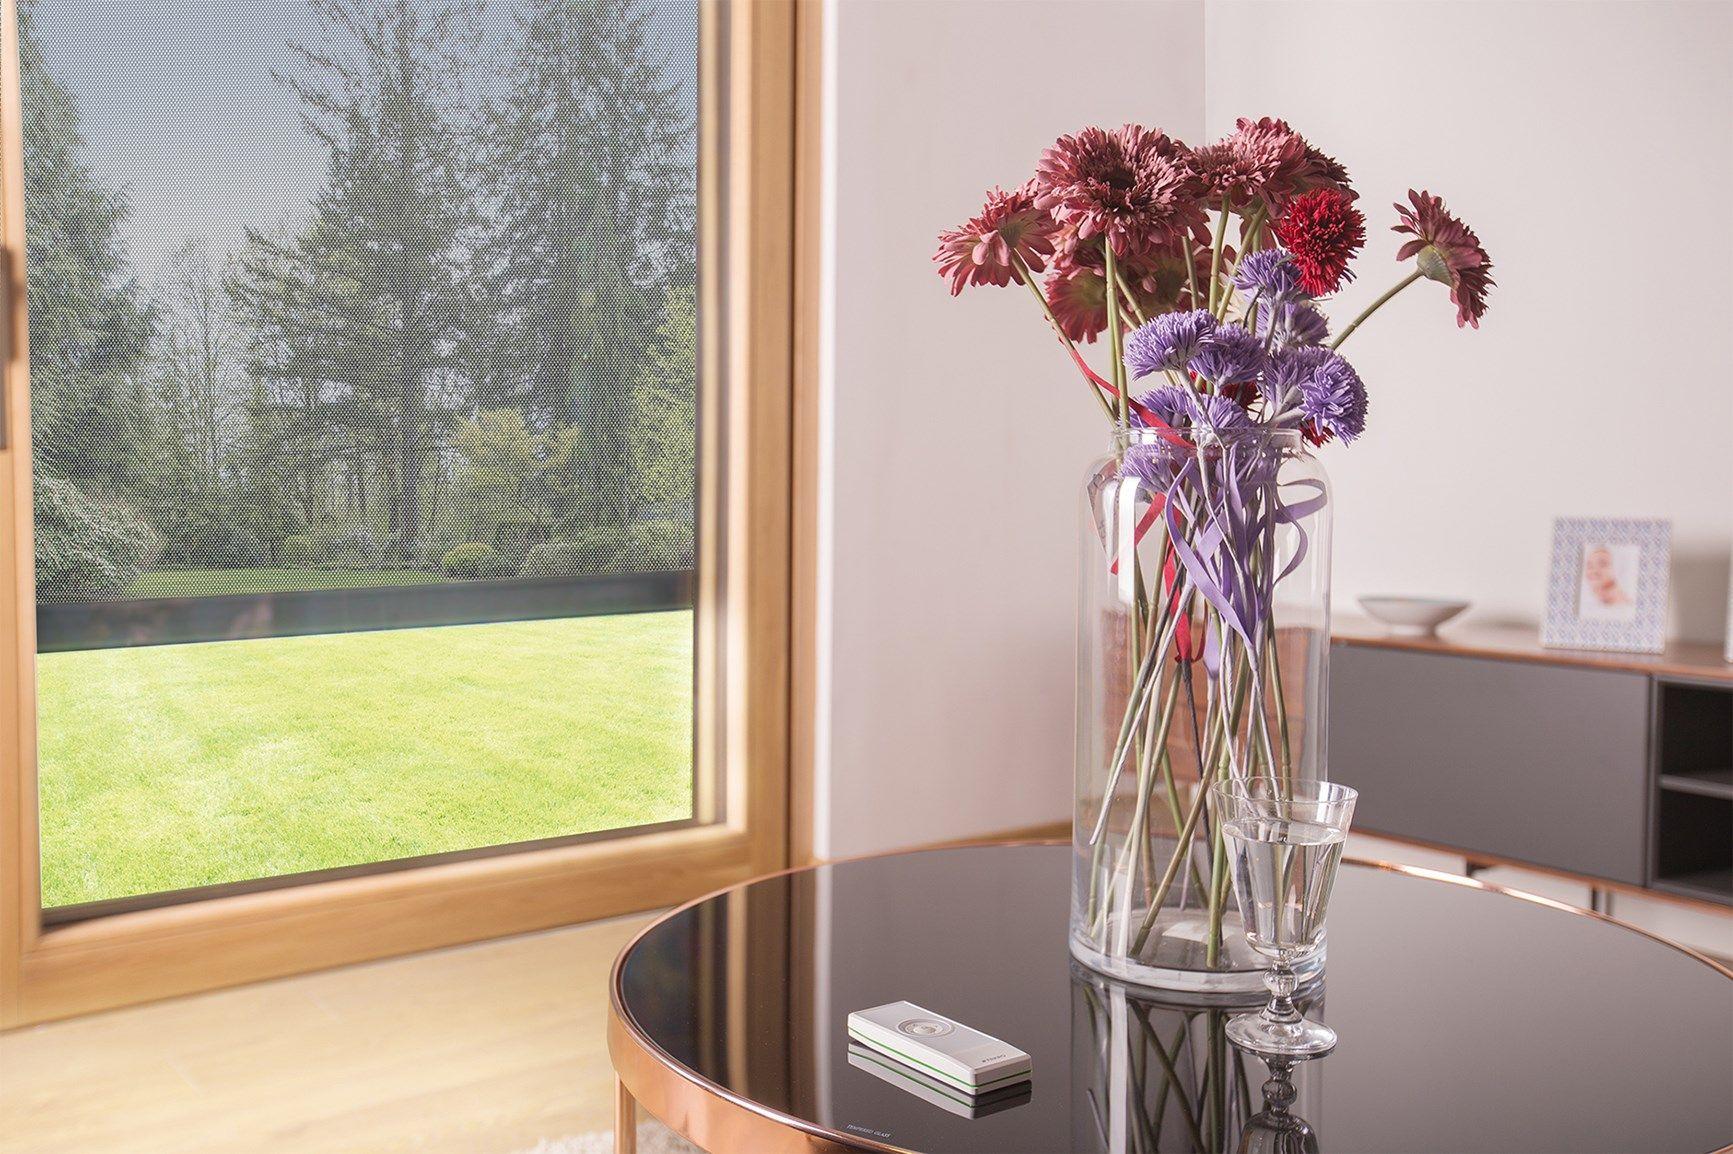 Nuove tende VMZ Solar FAKRO: ombreggiamento intelligente per le finestre verticali